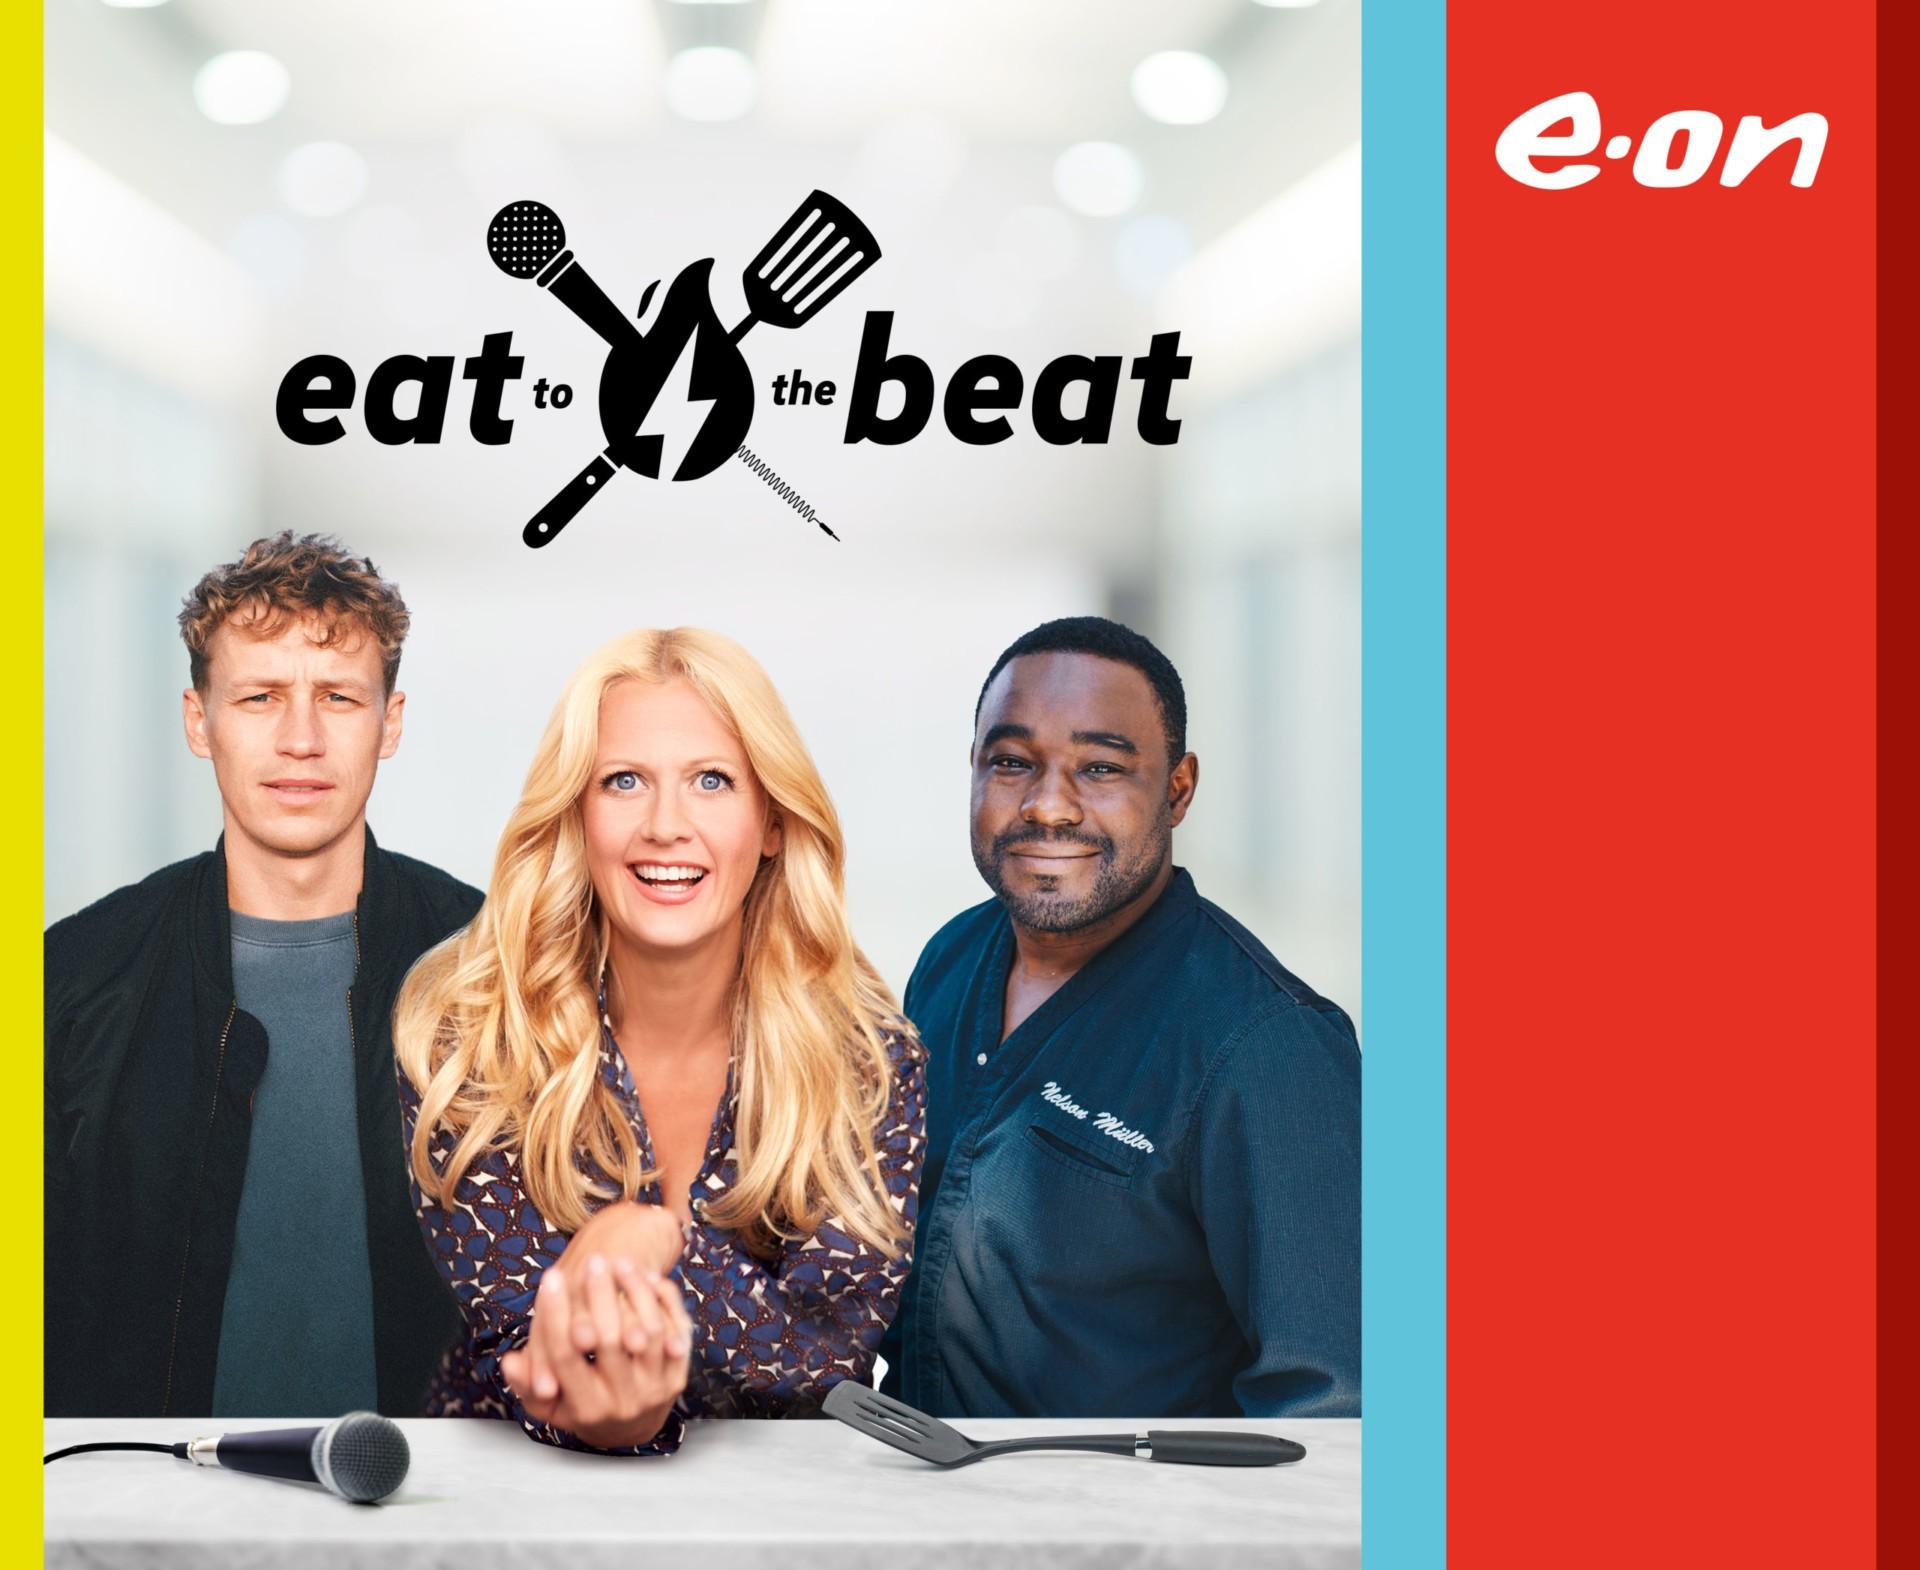 E.ON Eat to the Beat Küchenparty Keyvisual Talents freigegeben scaled - OXMOX verlost Tickets: Die schönsten Geschenke